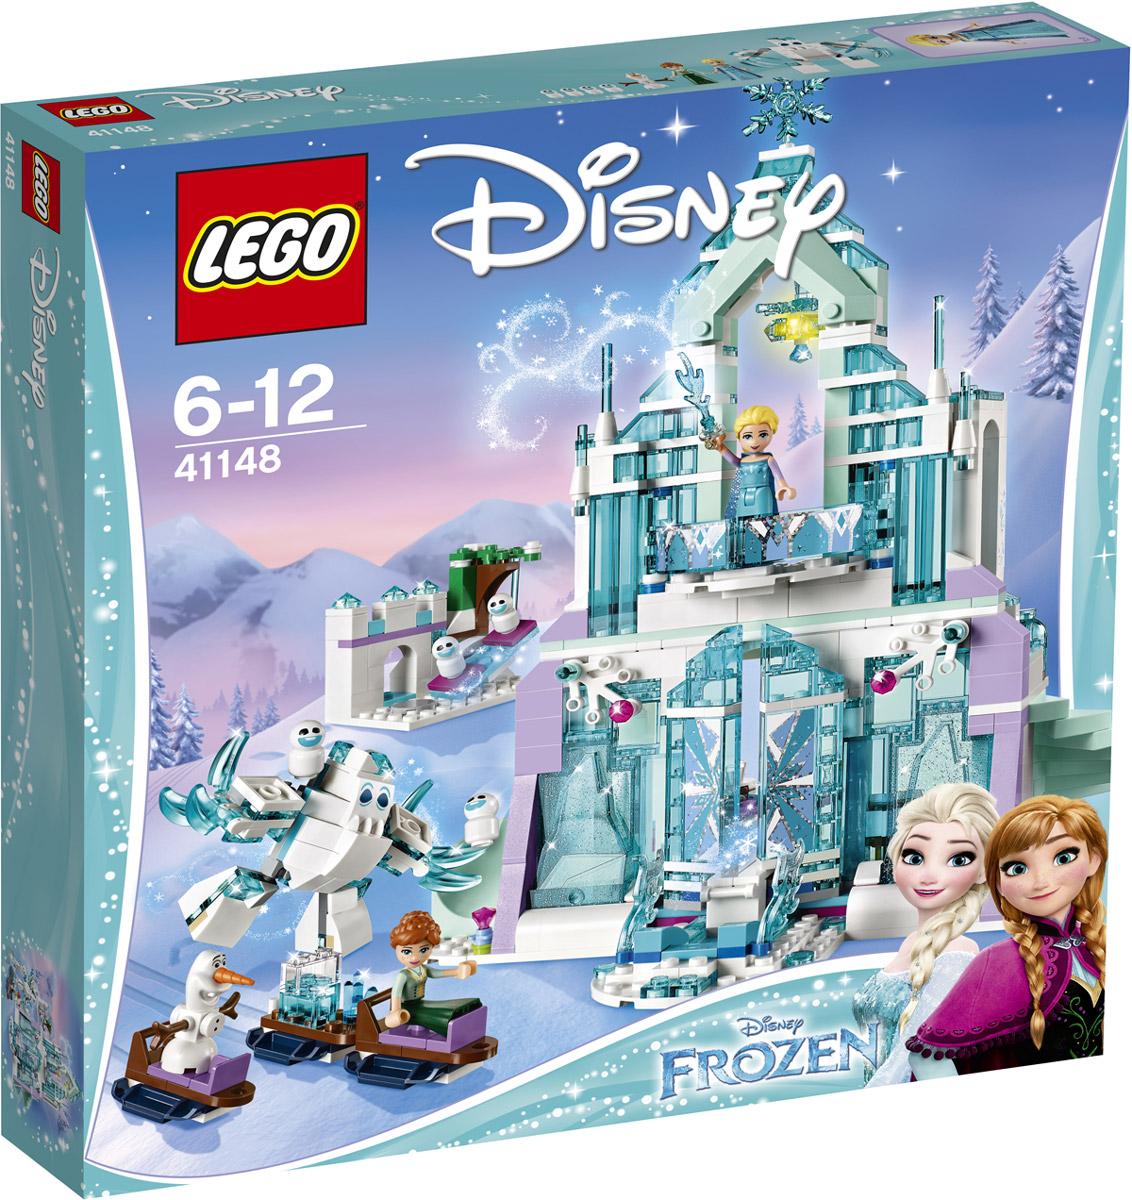 LEGO Disney Princess Конструктор Волшебный ледяной замок Эльзы 41148 конструктор lego disney princess 41154 волшебный замок золушки